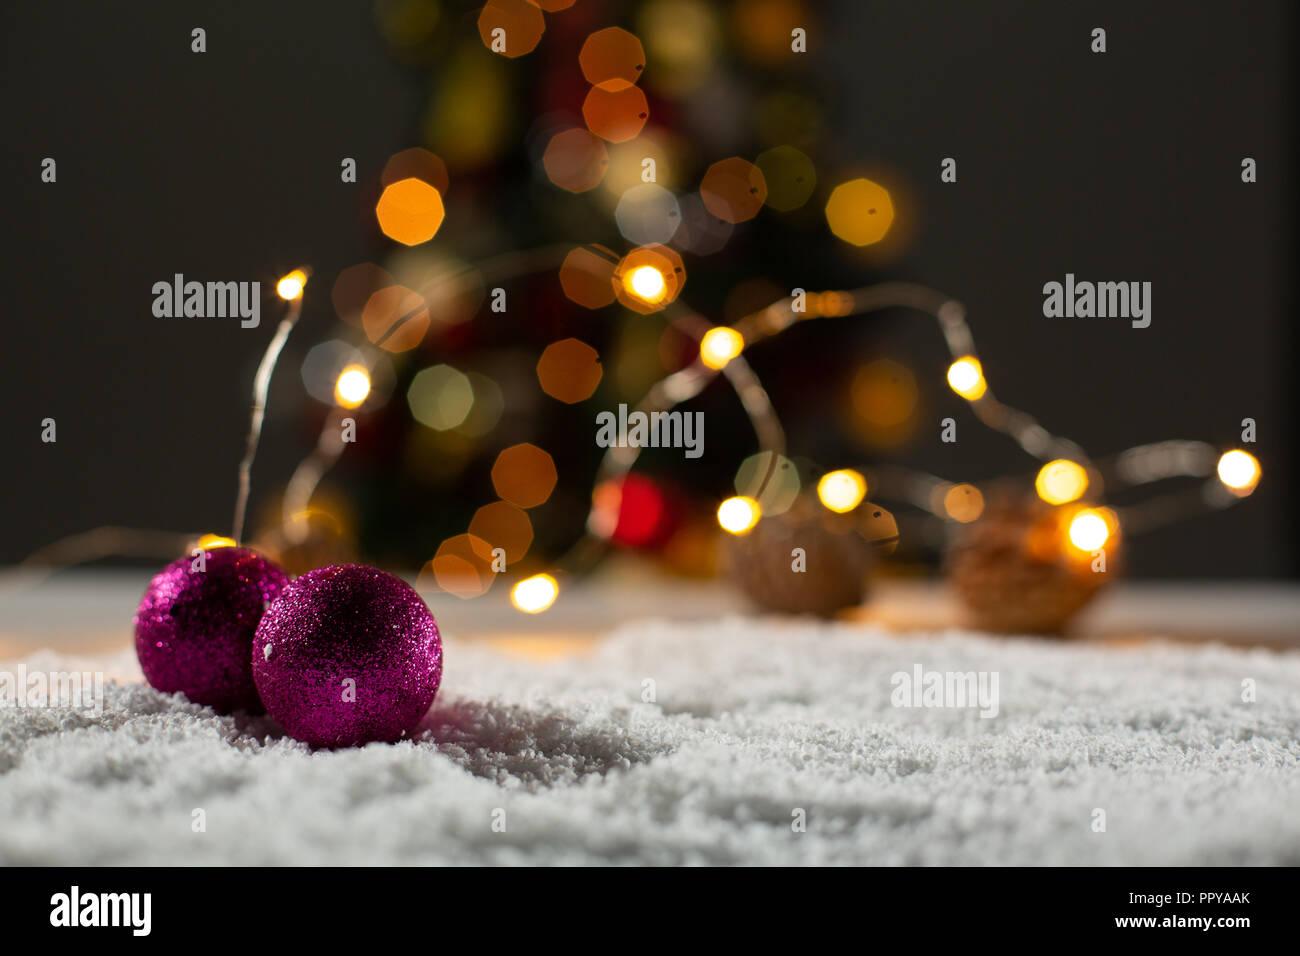 Christmas balls against unfocused tree - Stock Image